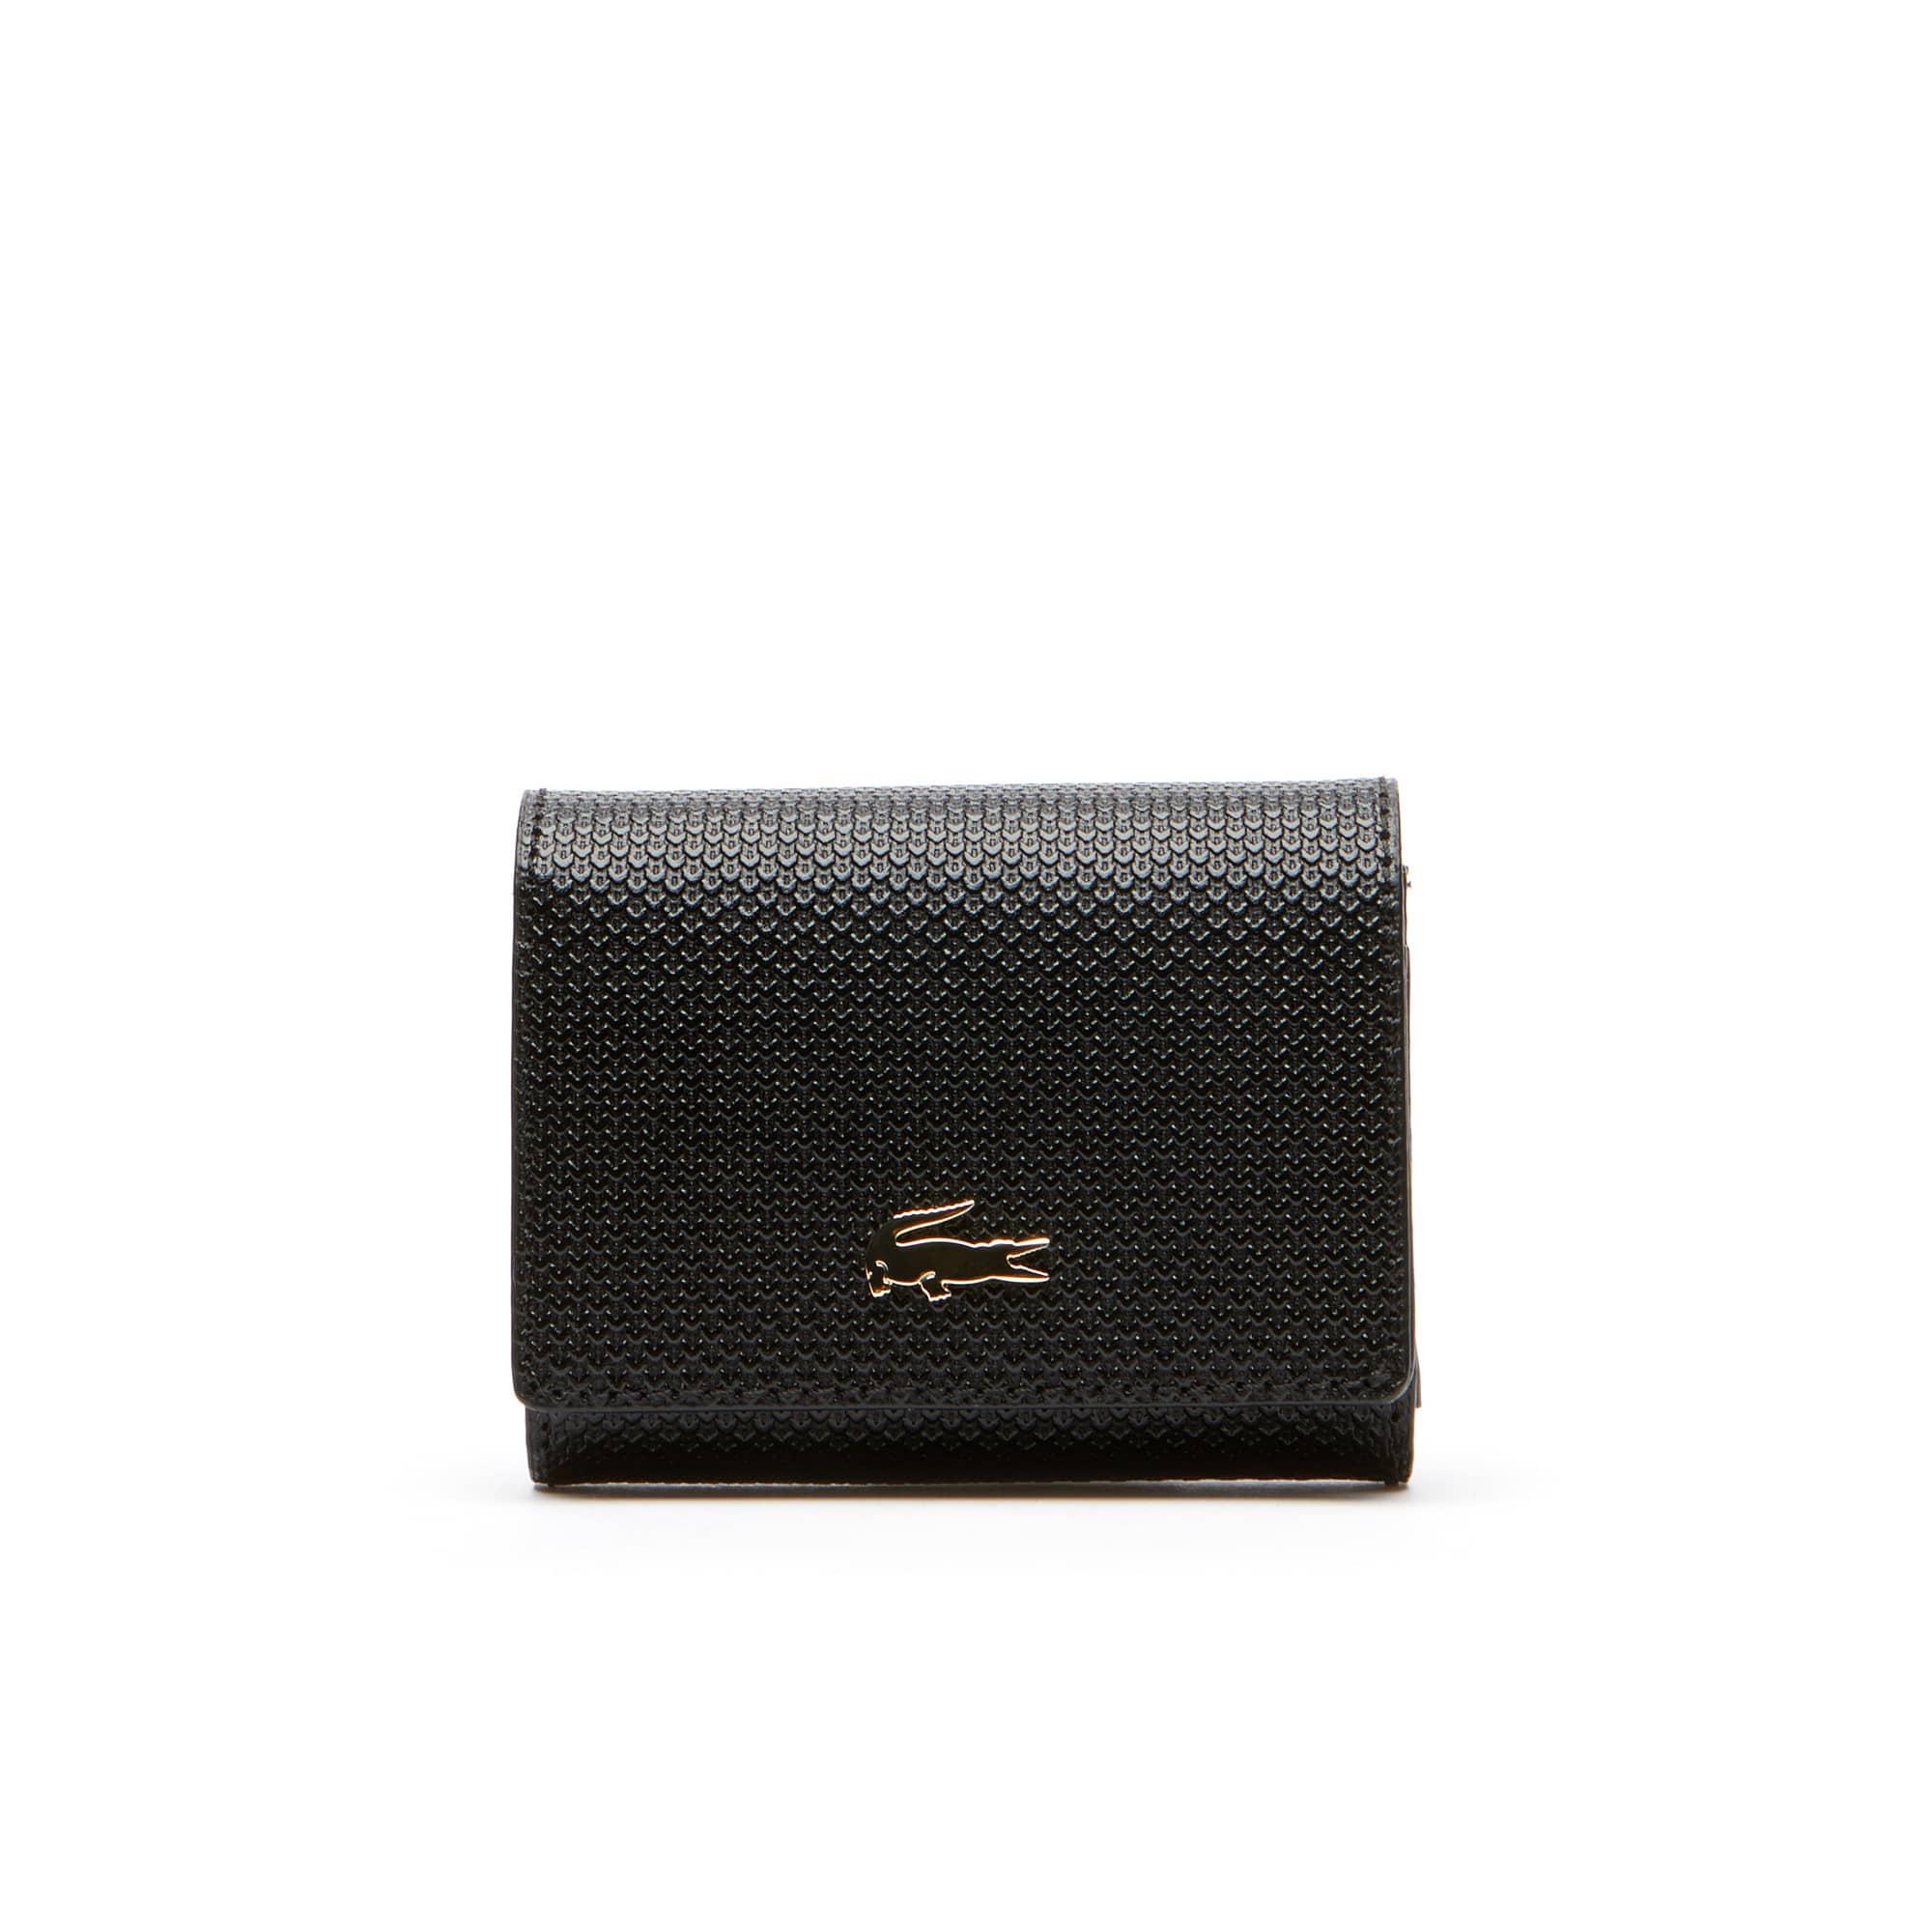 (여성) [샨타코] 투톤 피케 레더 3 슬롯 카드 지갑